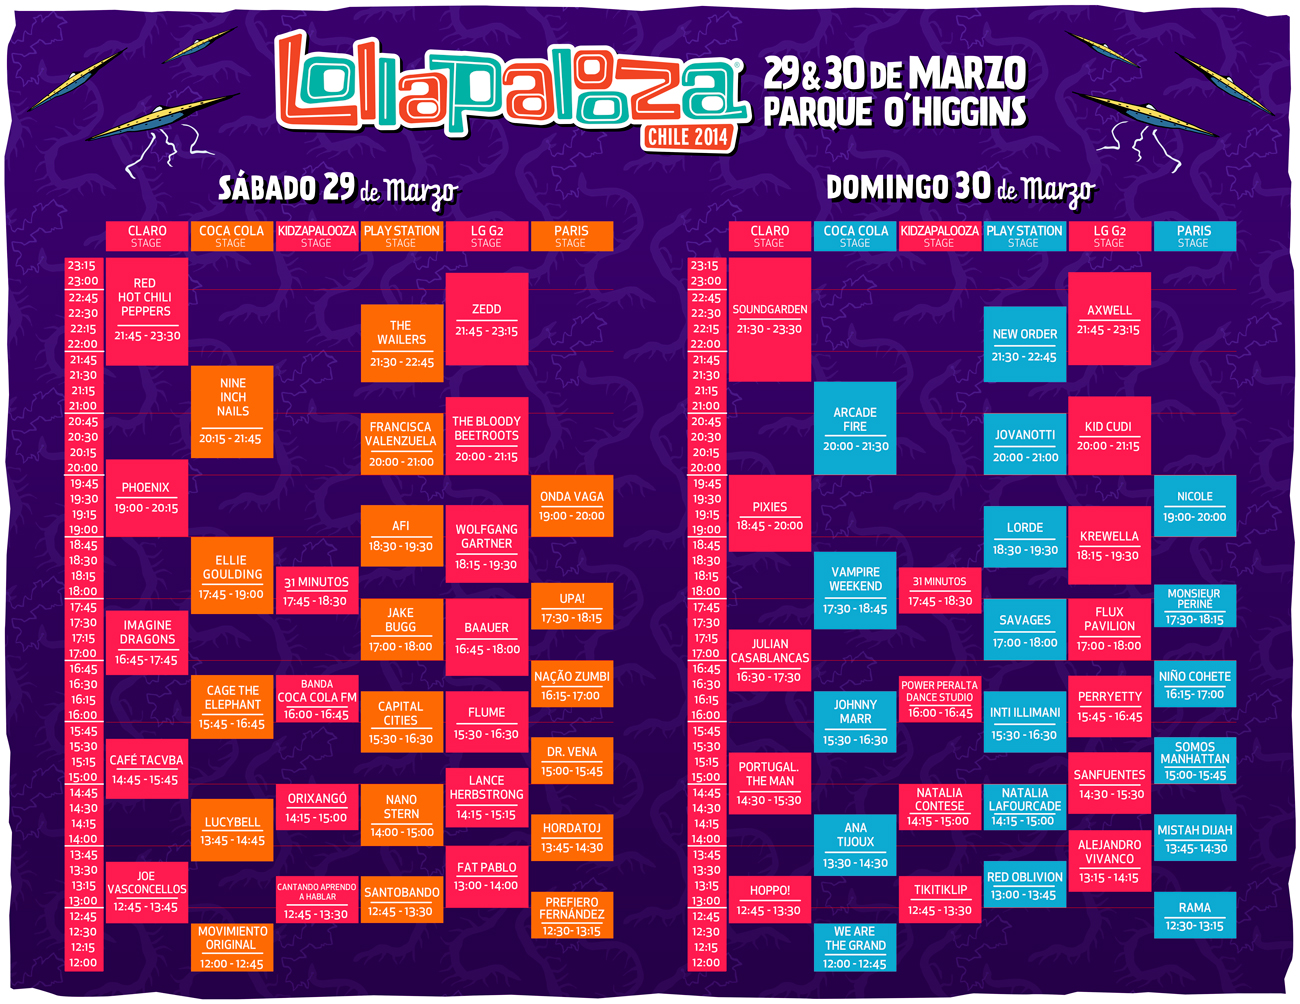 Festival Lollapalooza Chile 2014 revela horarios de bandas por día